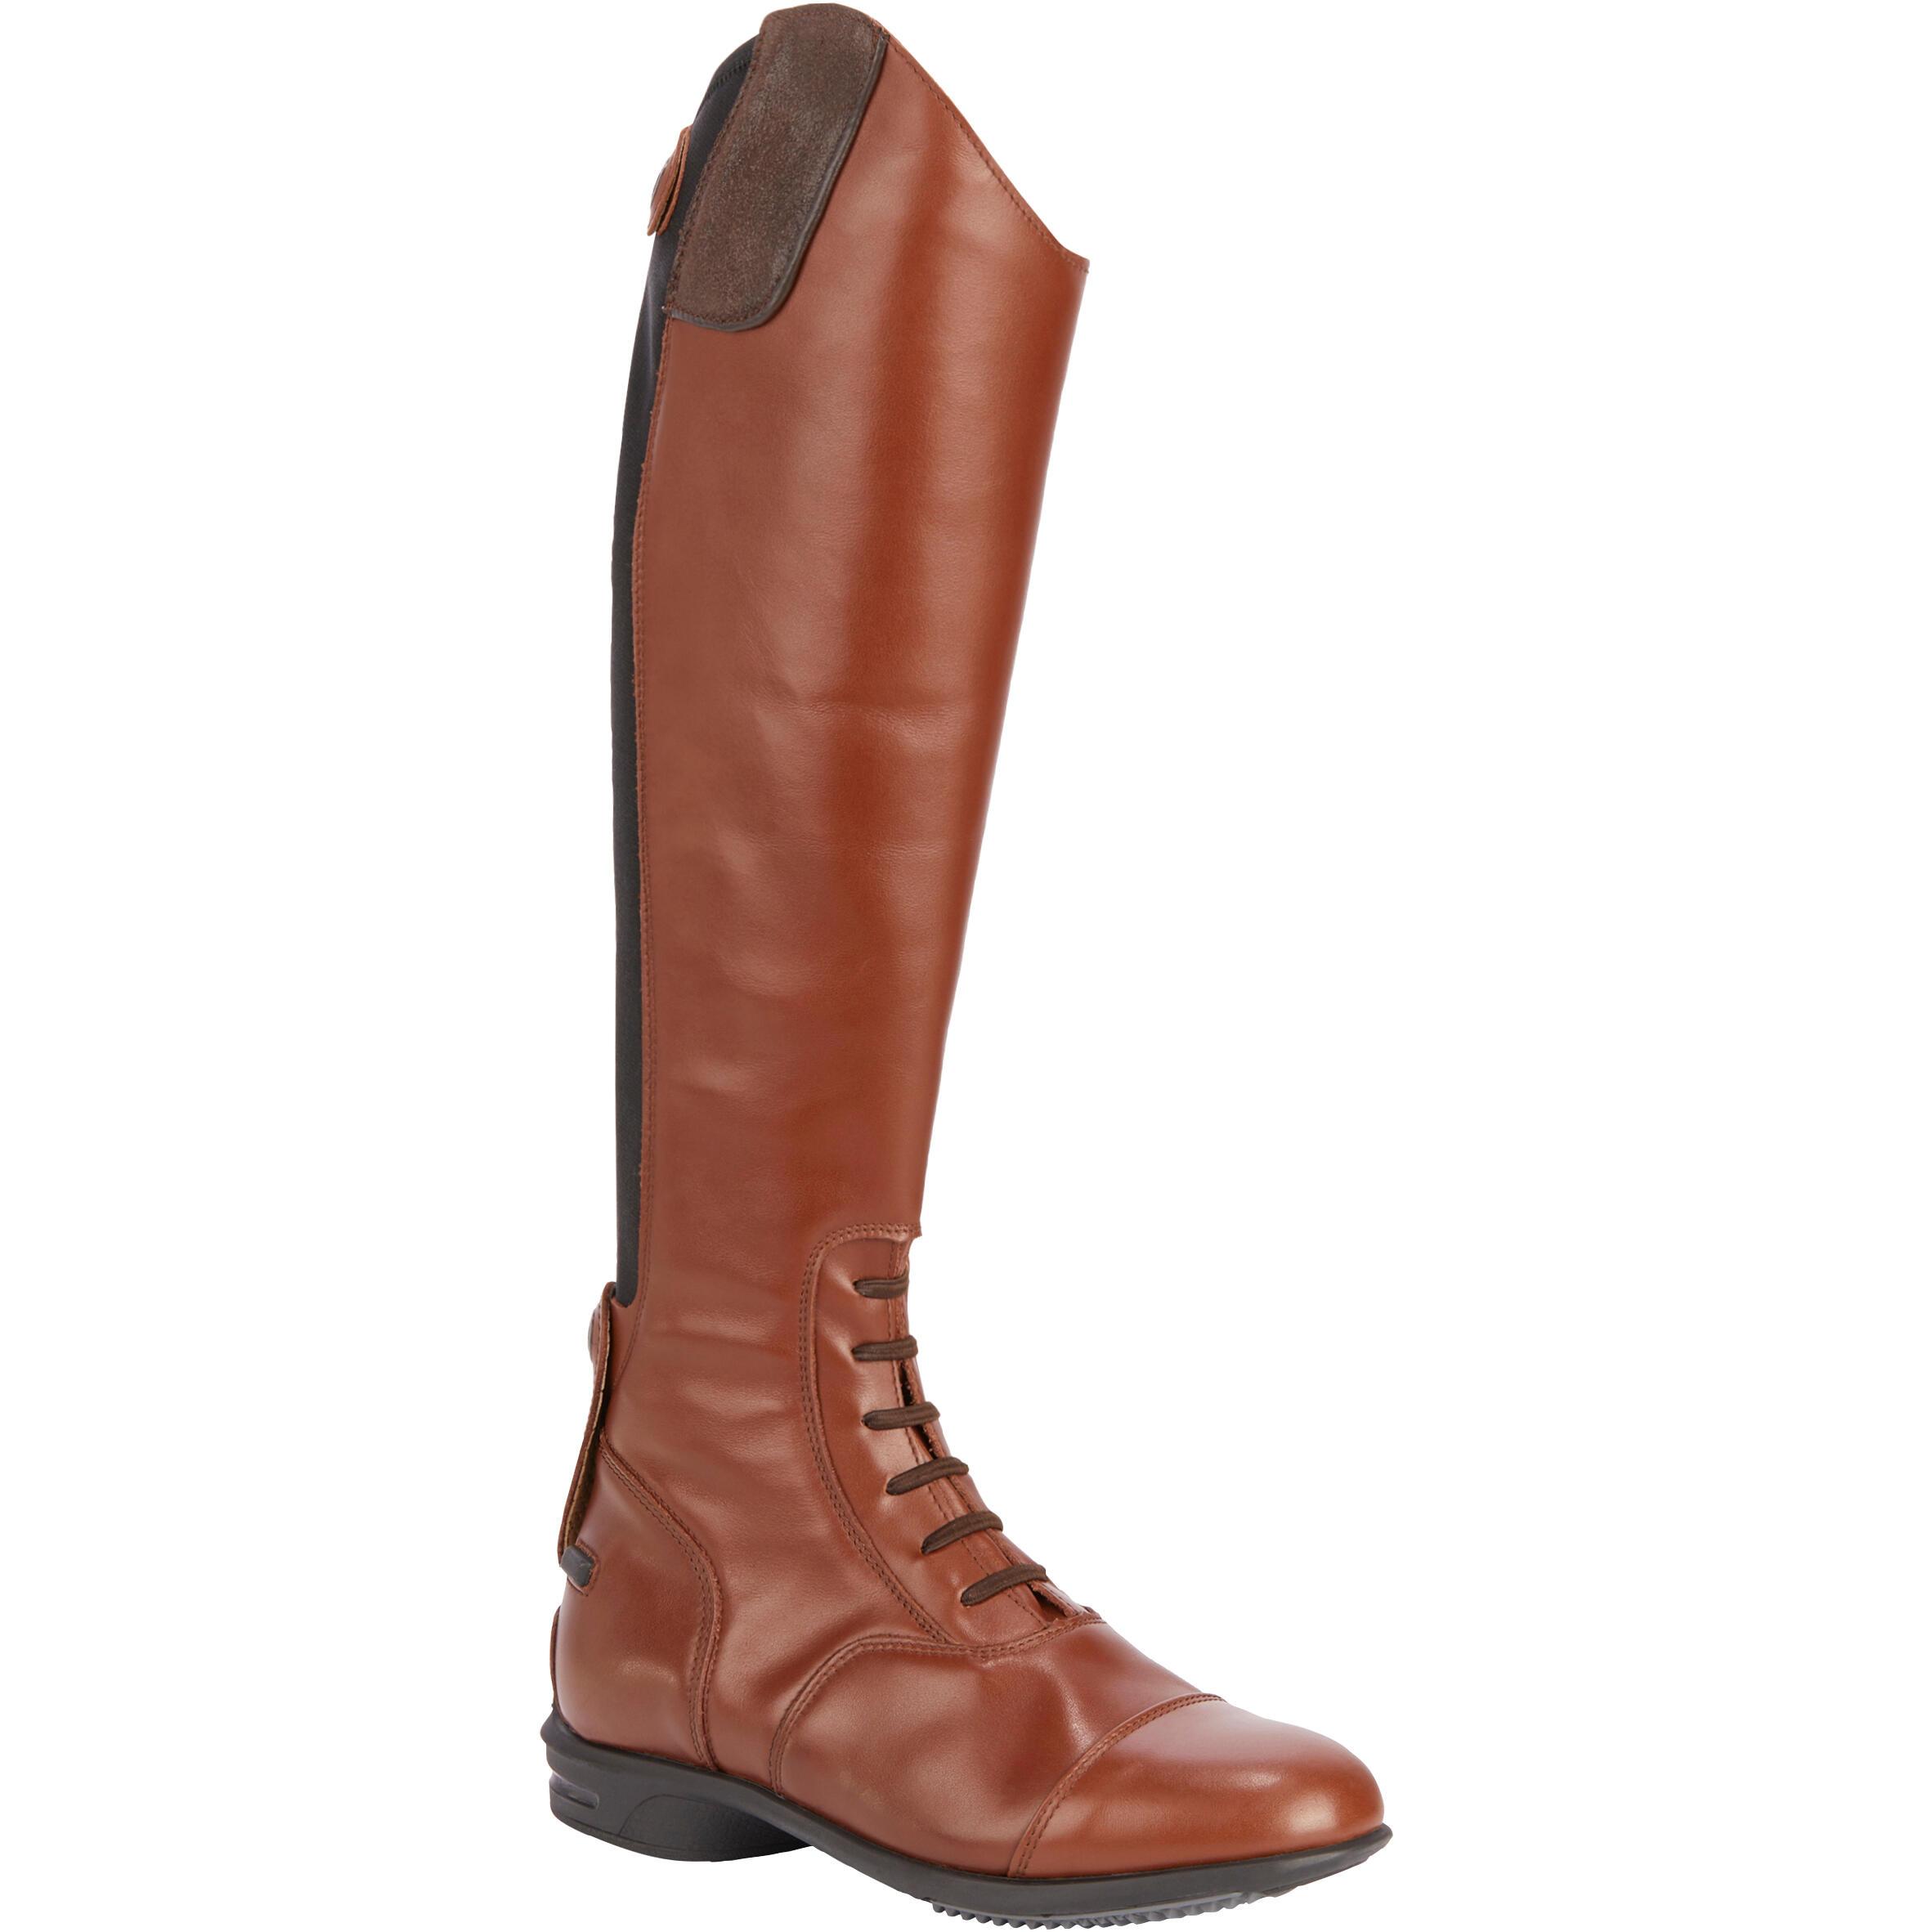 Reitstiefel Leder LB 900 Erwachsene braun | Schuhe > Sportschuhe > Reitstiefel | Braun | Leder | Fouganza